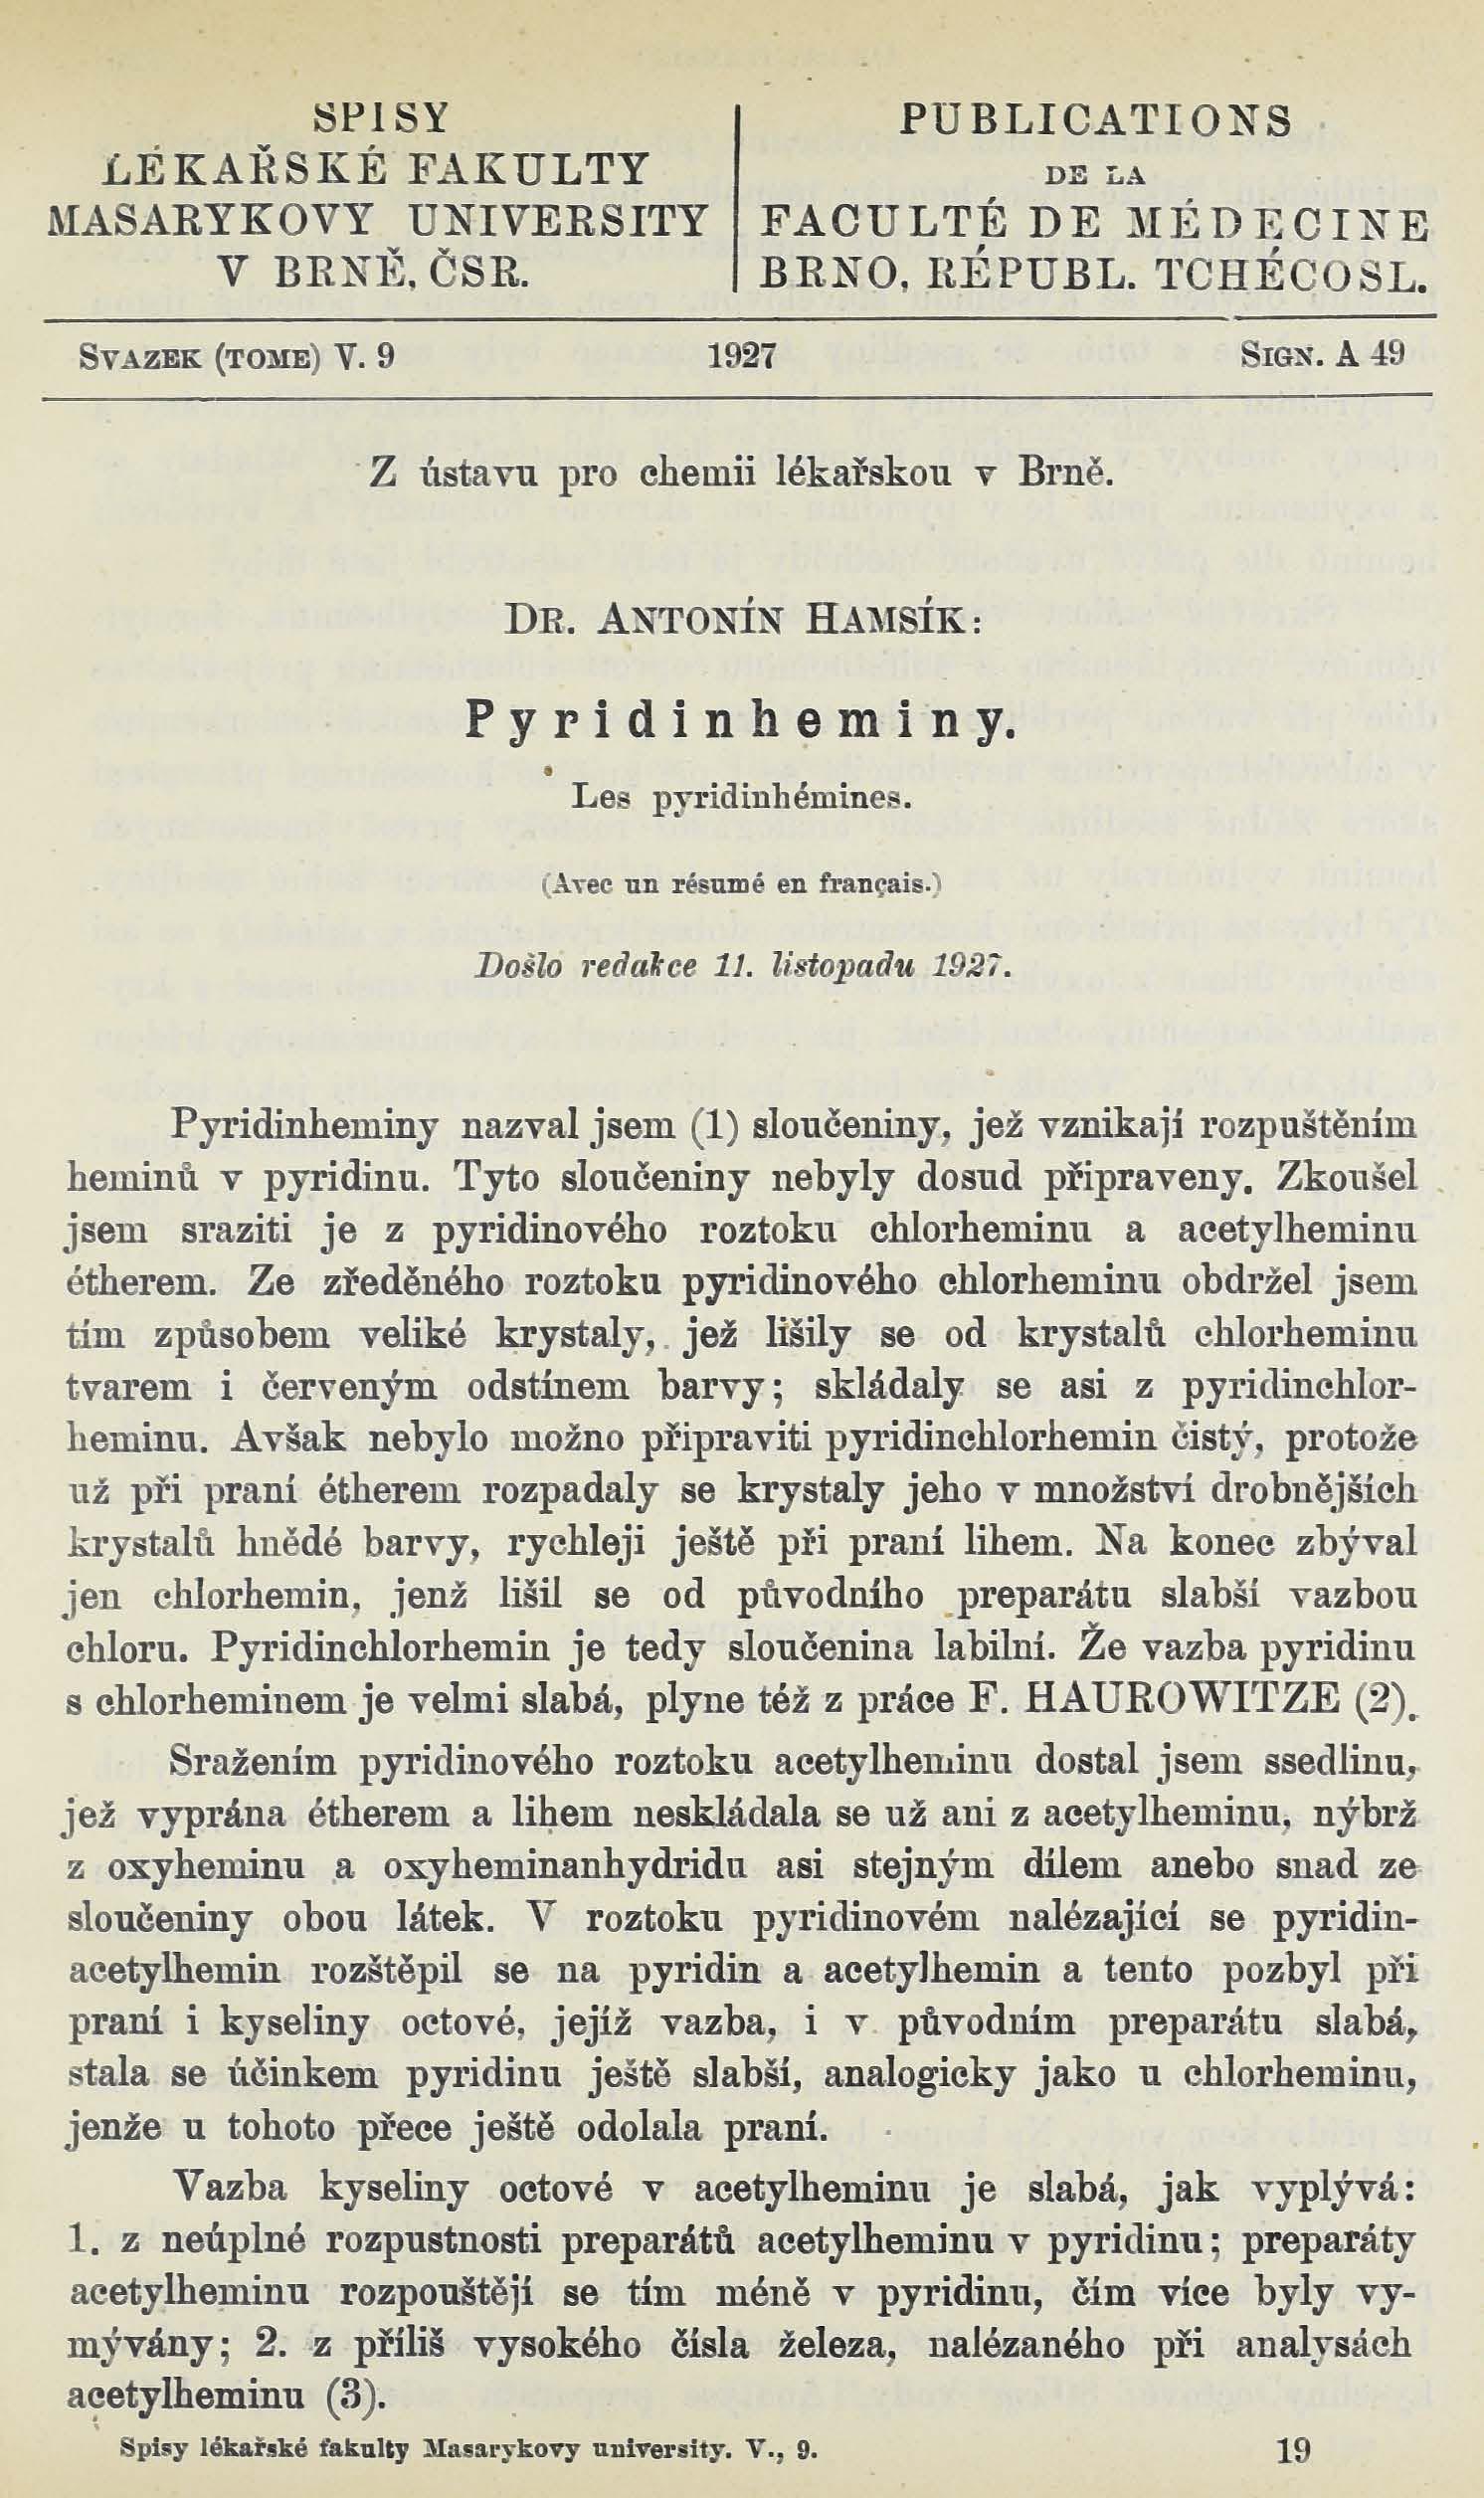 Obálka pro Pyridinheminy / Les pyridinhémines